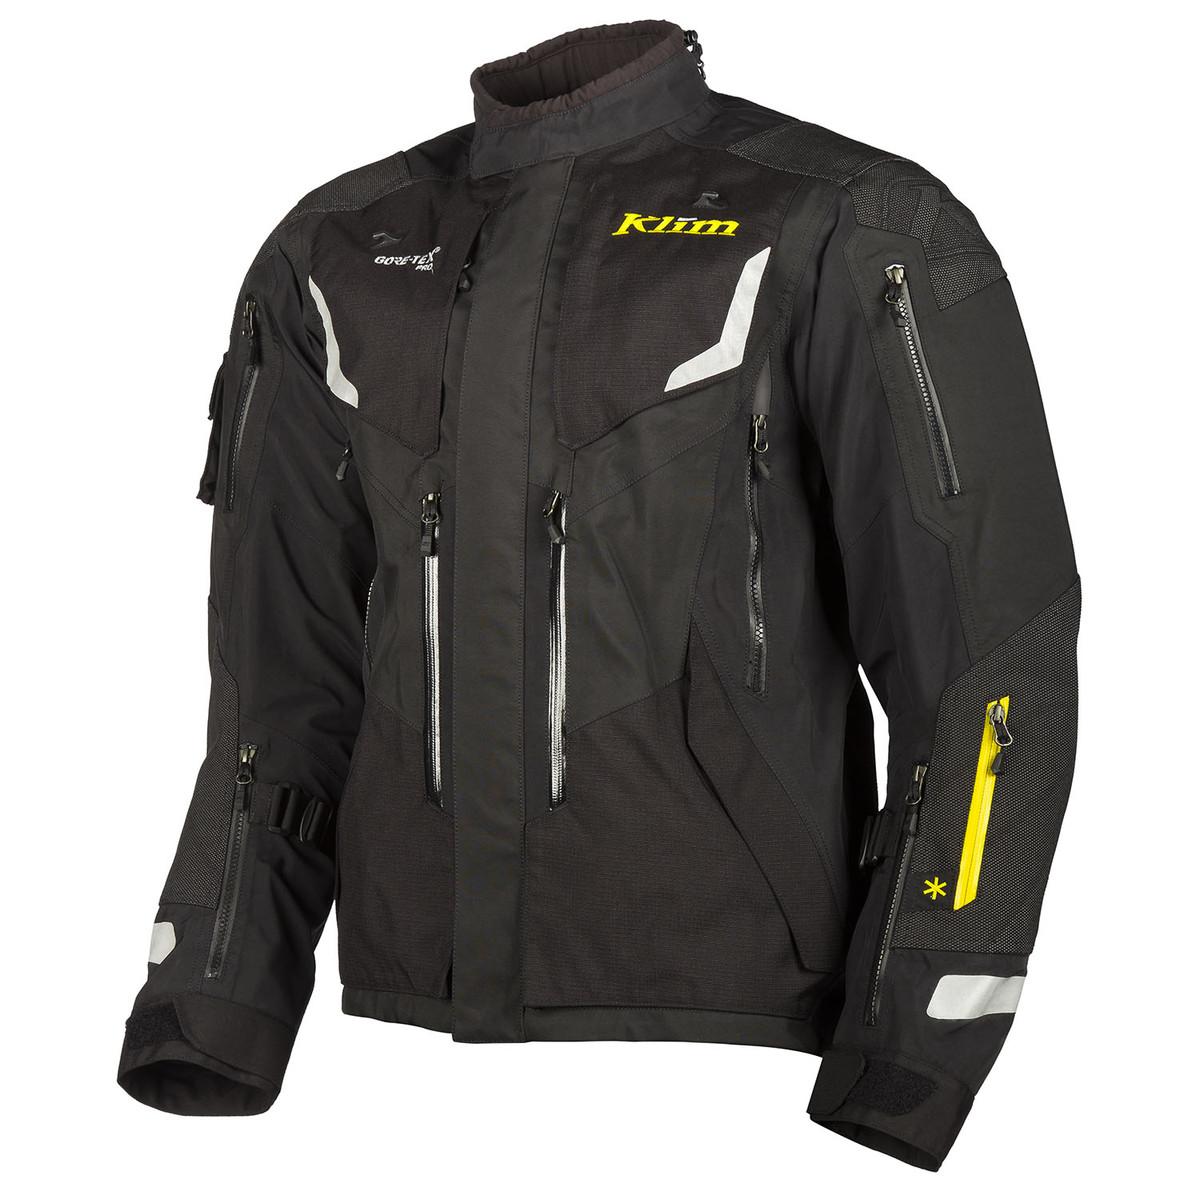 Badlands Pro Jacket Black